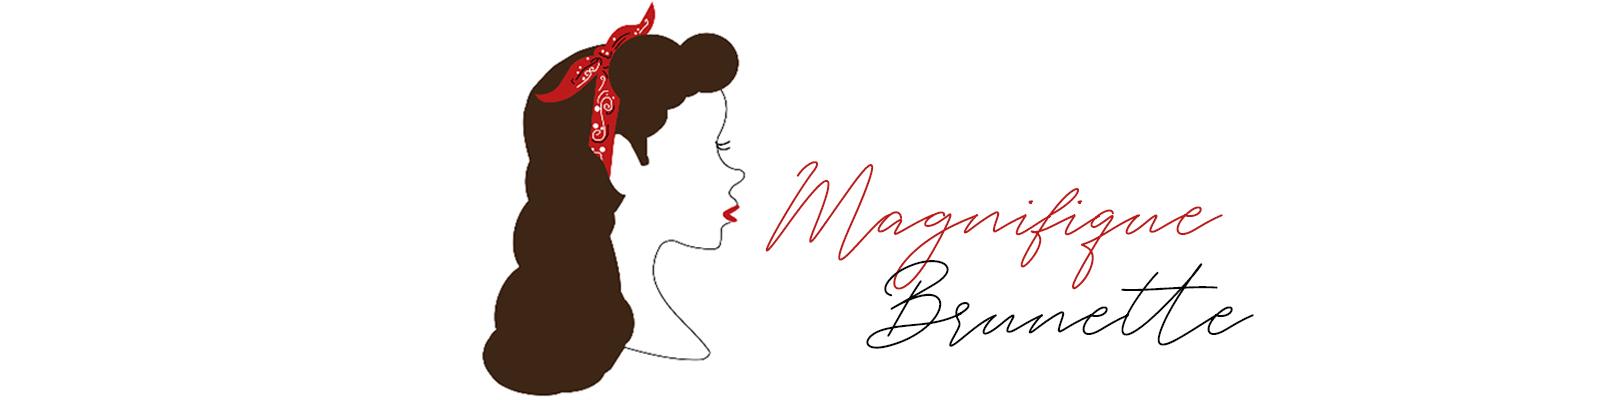 Magnifique Brunette